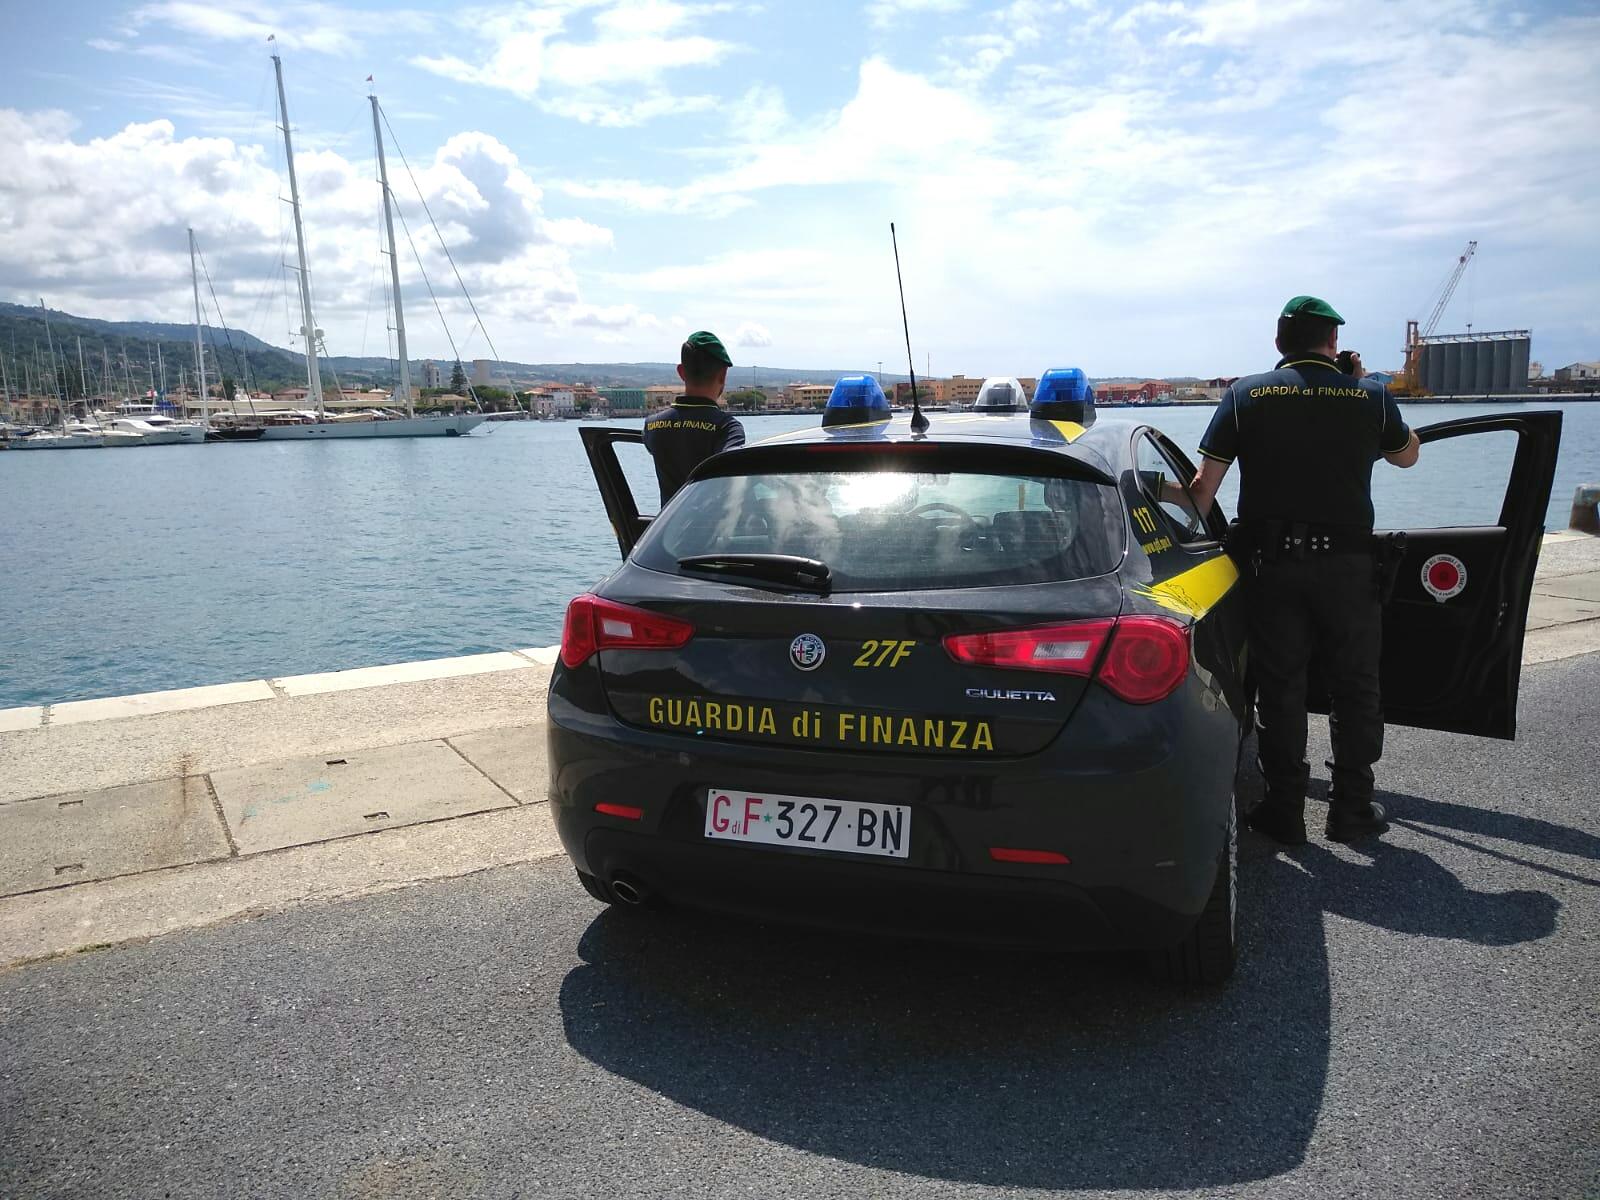 Maxi evasione fiscale contestata a 50 marittimiAvrebbero nascosto redditi per oltre 3 milioni di euro